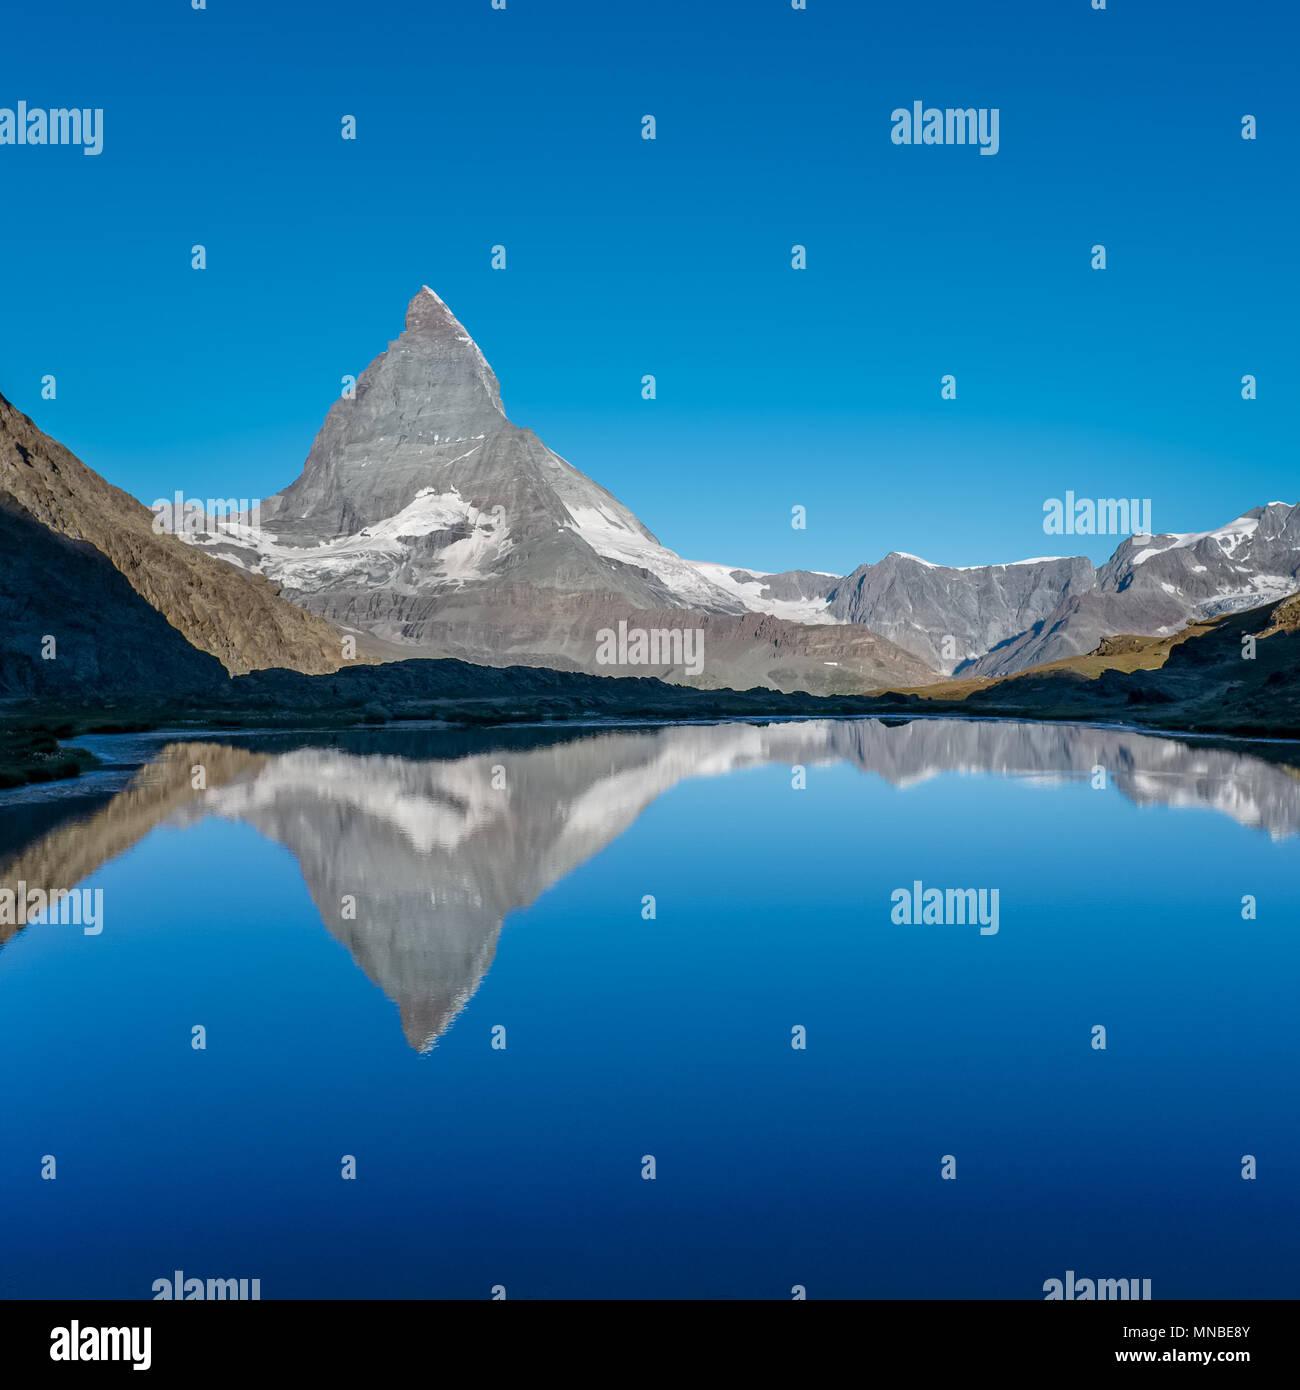 Blick auf Matterhorn im See Riffelsee, in der Nähe von Zermatt, Schweiz wider. Stockbild